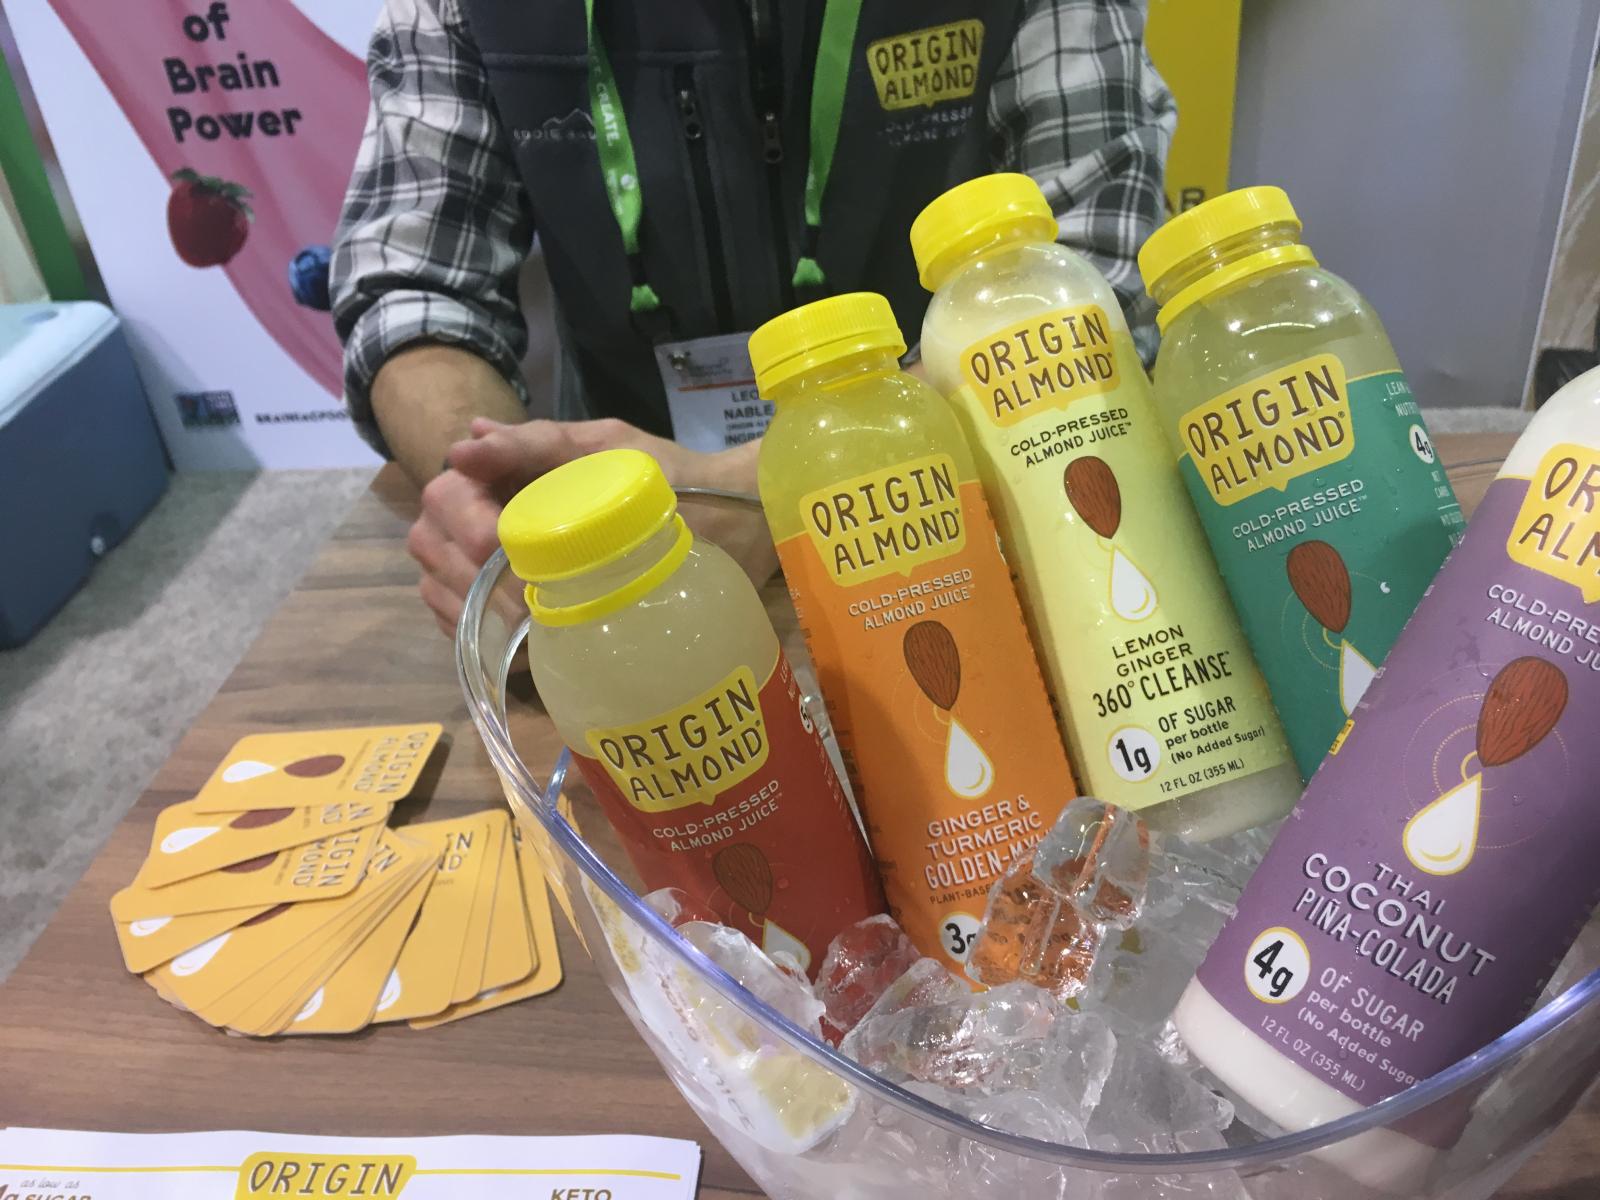 Origin Almond Almond Juice